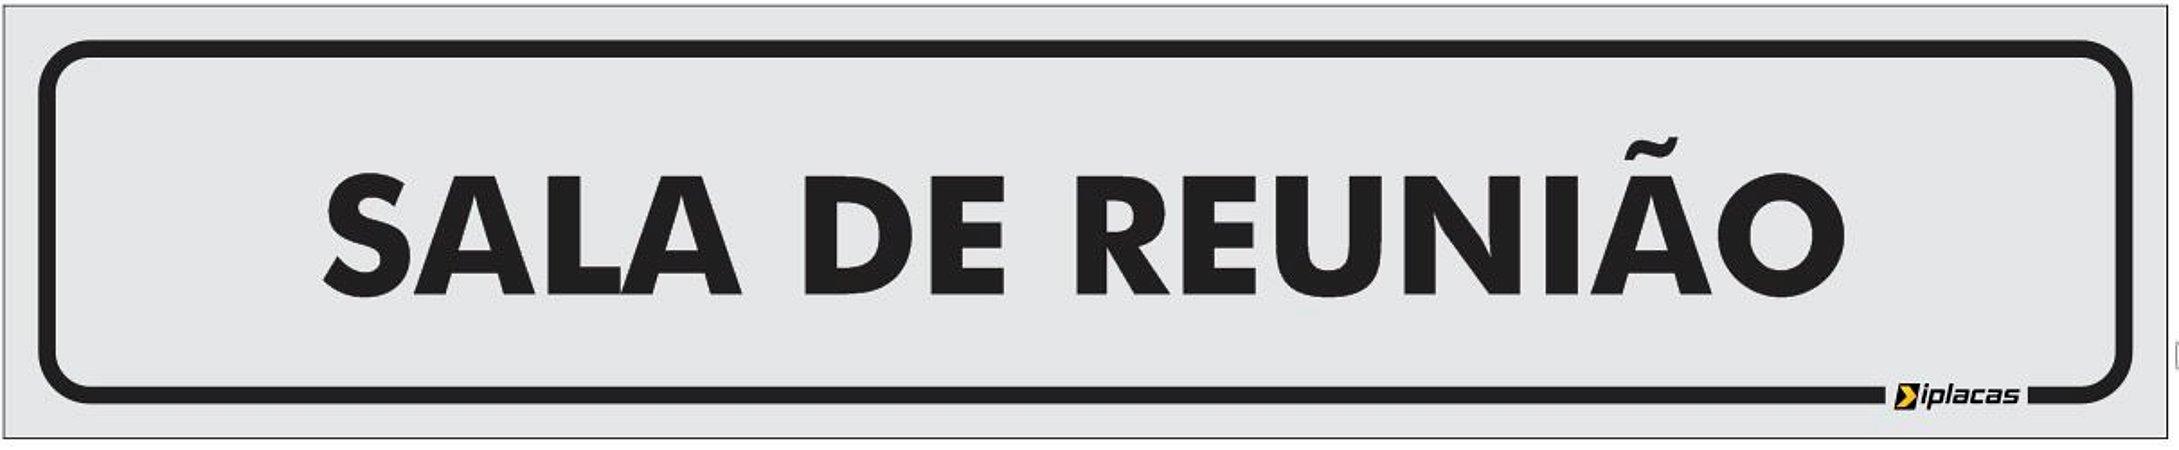 Placa Identificação - Sala de Reunião - 25x5cm